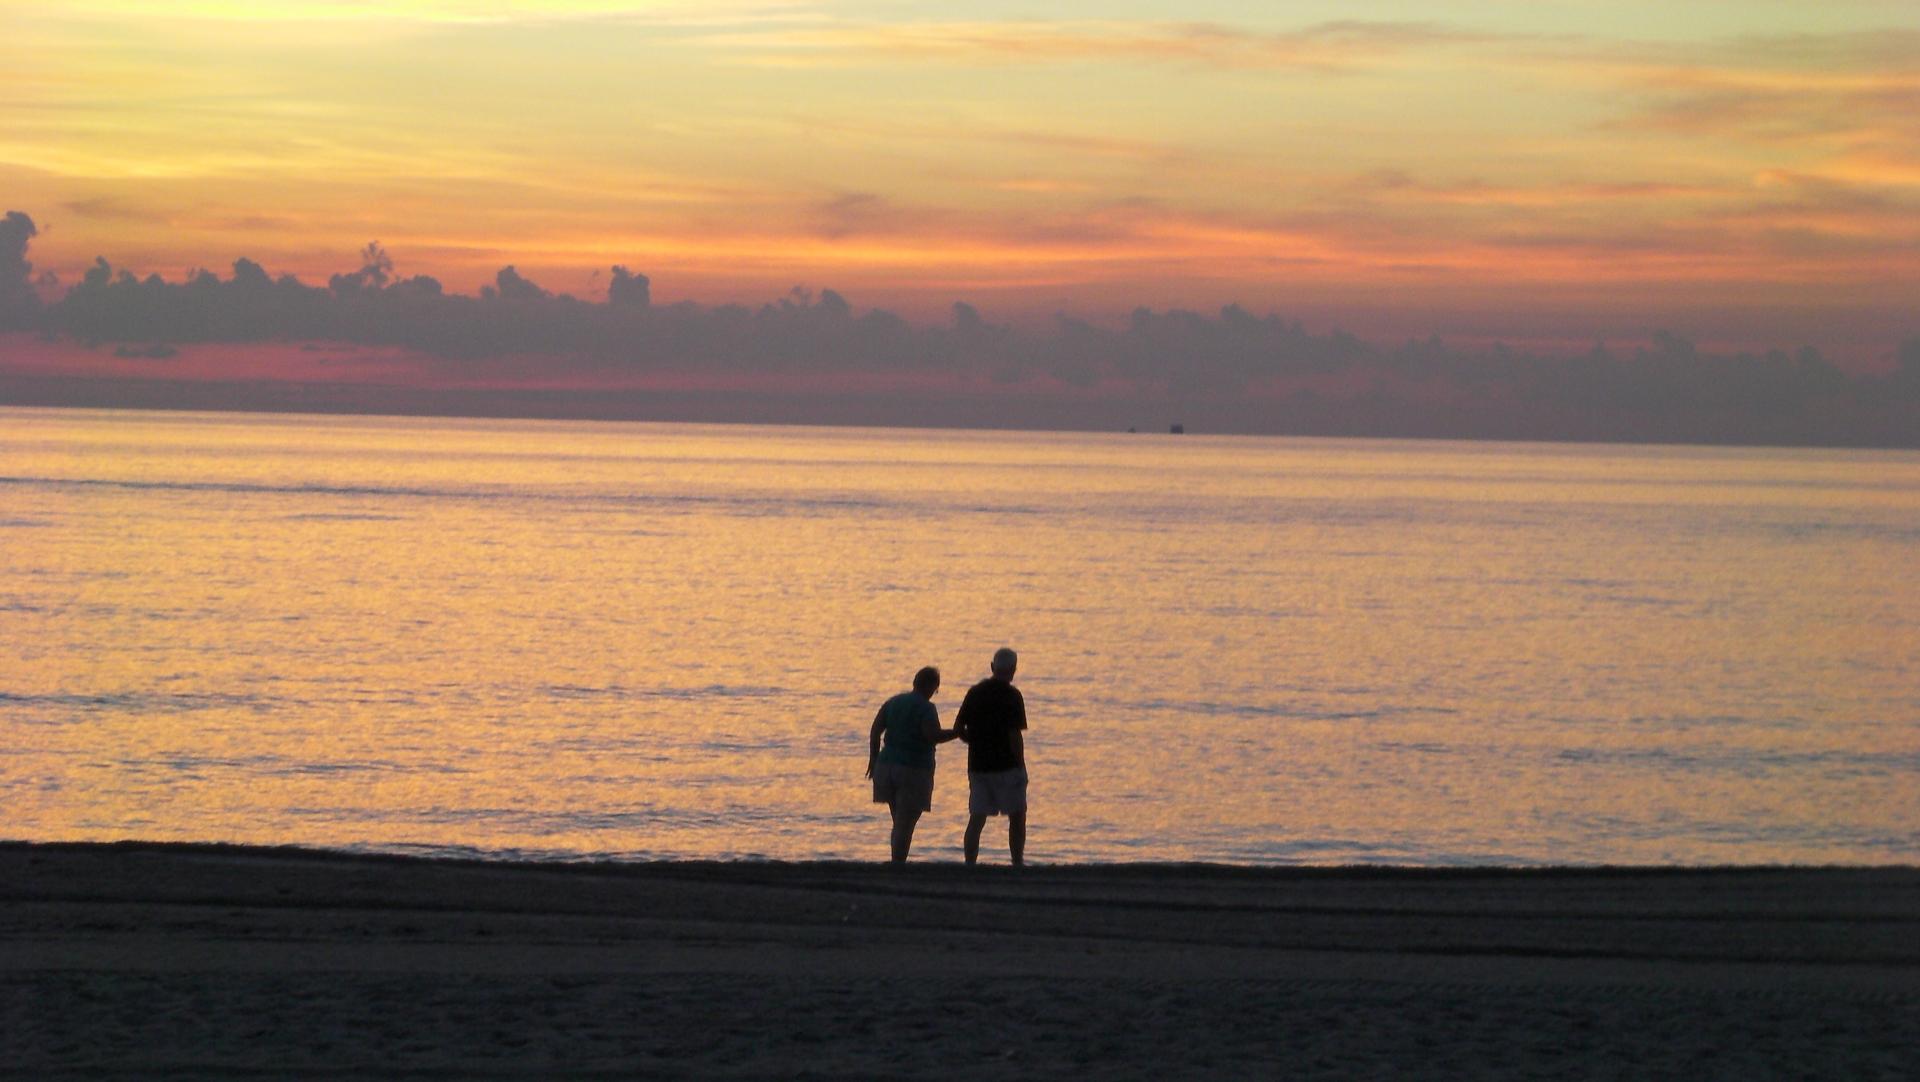 マイアミビーチの観光おすすめをまとめ!見所やホテル・レストランなど!